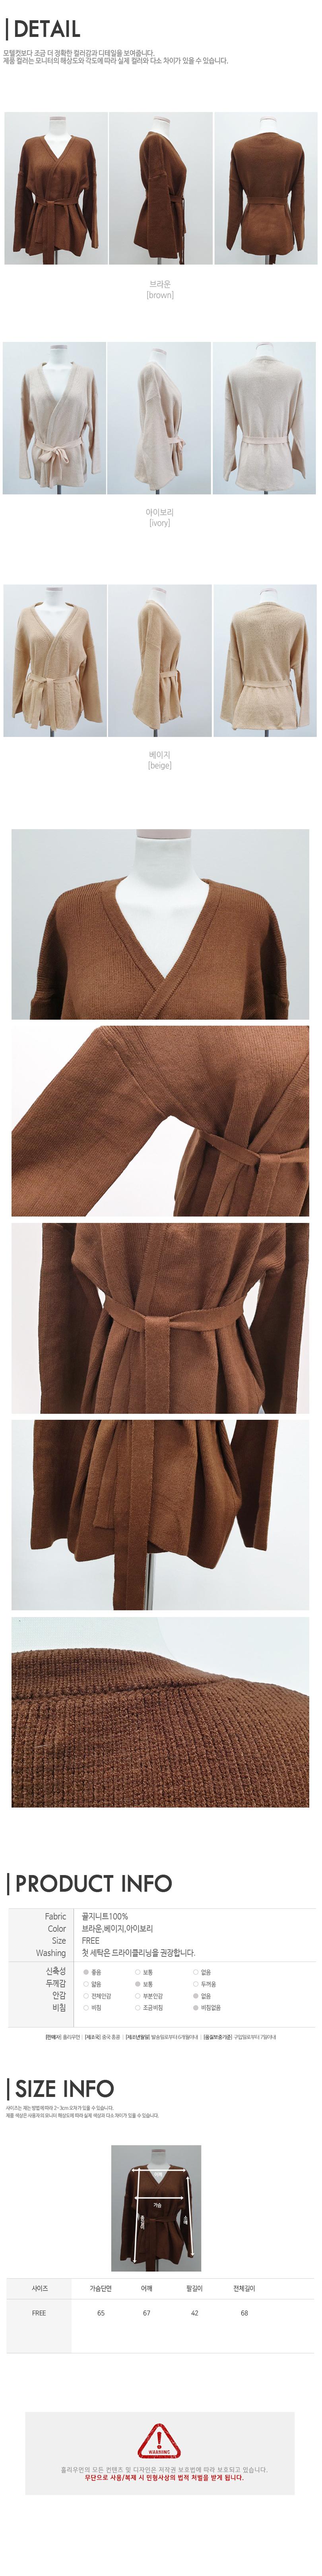 홀리 여성 허리끈 루즈핏 로브니트 가디건 - 홀리우먼, 9,900원, 아우터, 가디건